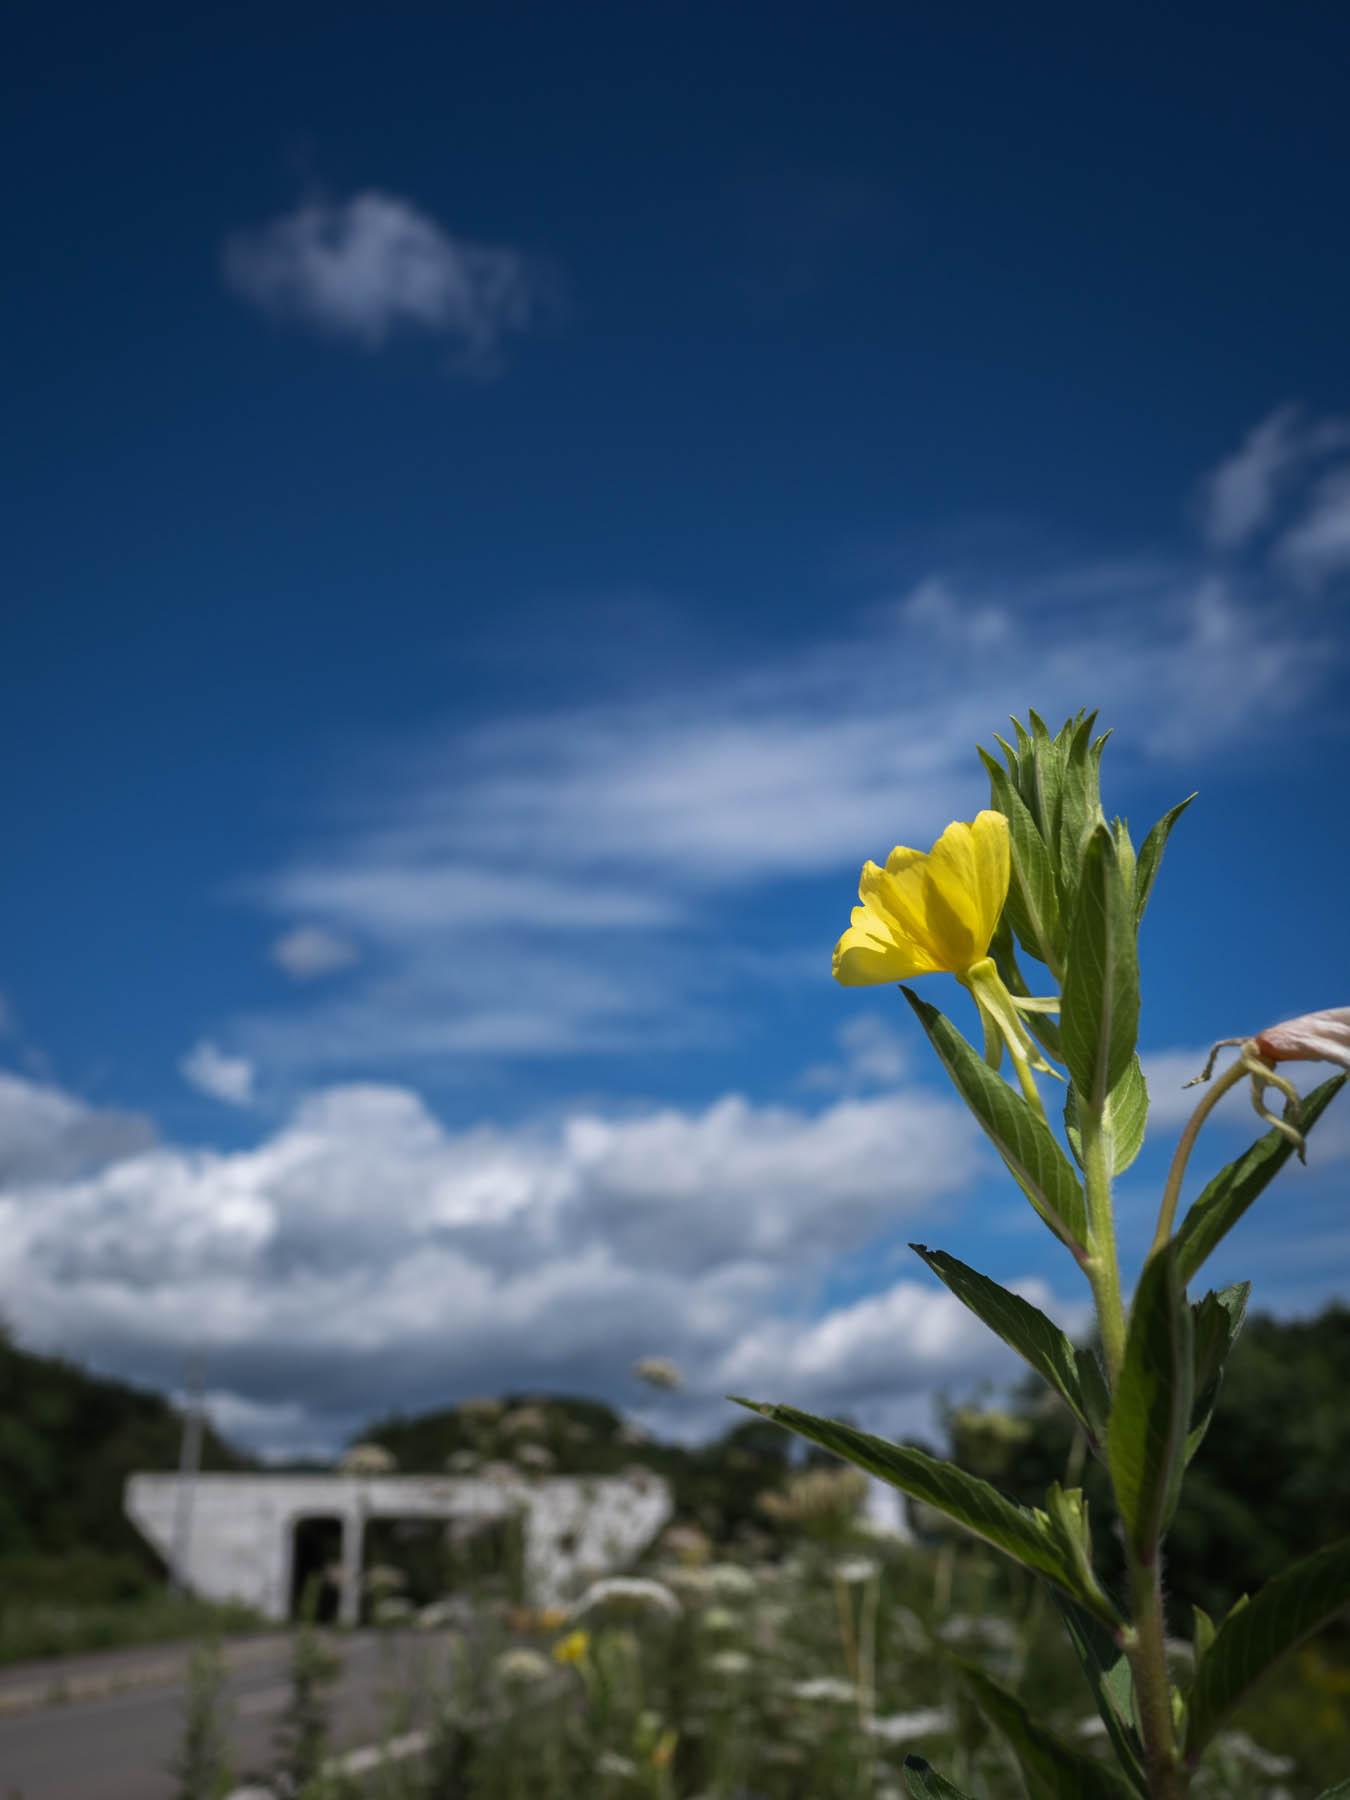 小さな黄色い花と背景に碧く広がる夏の空